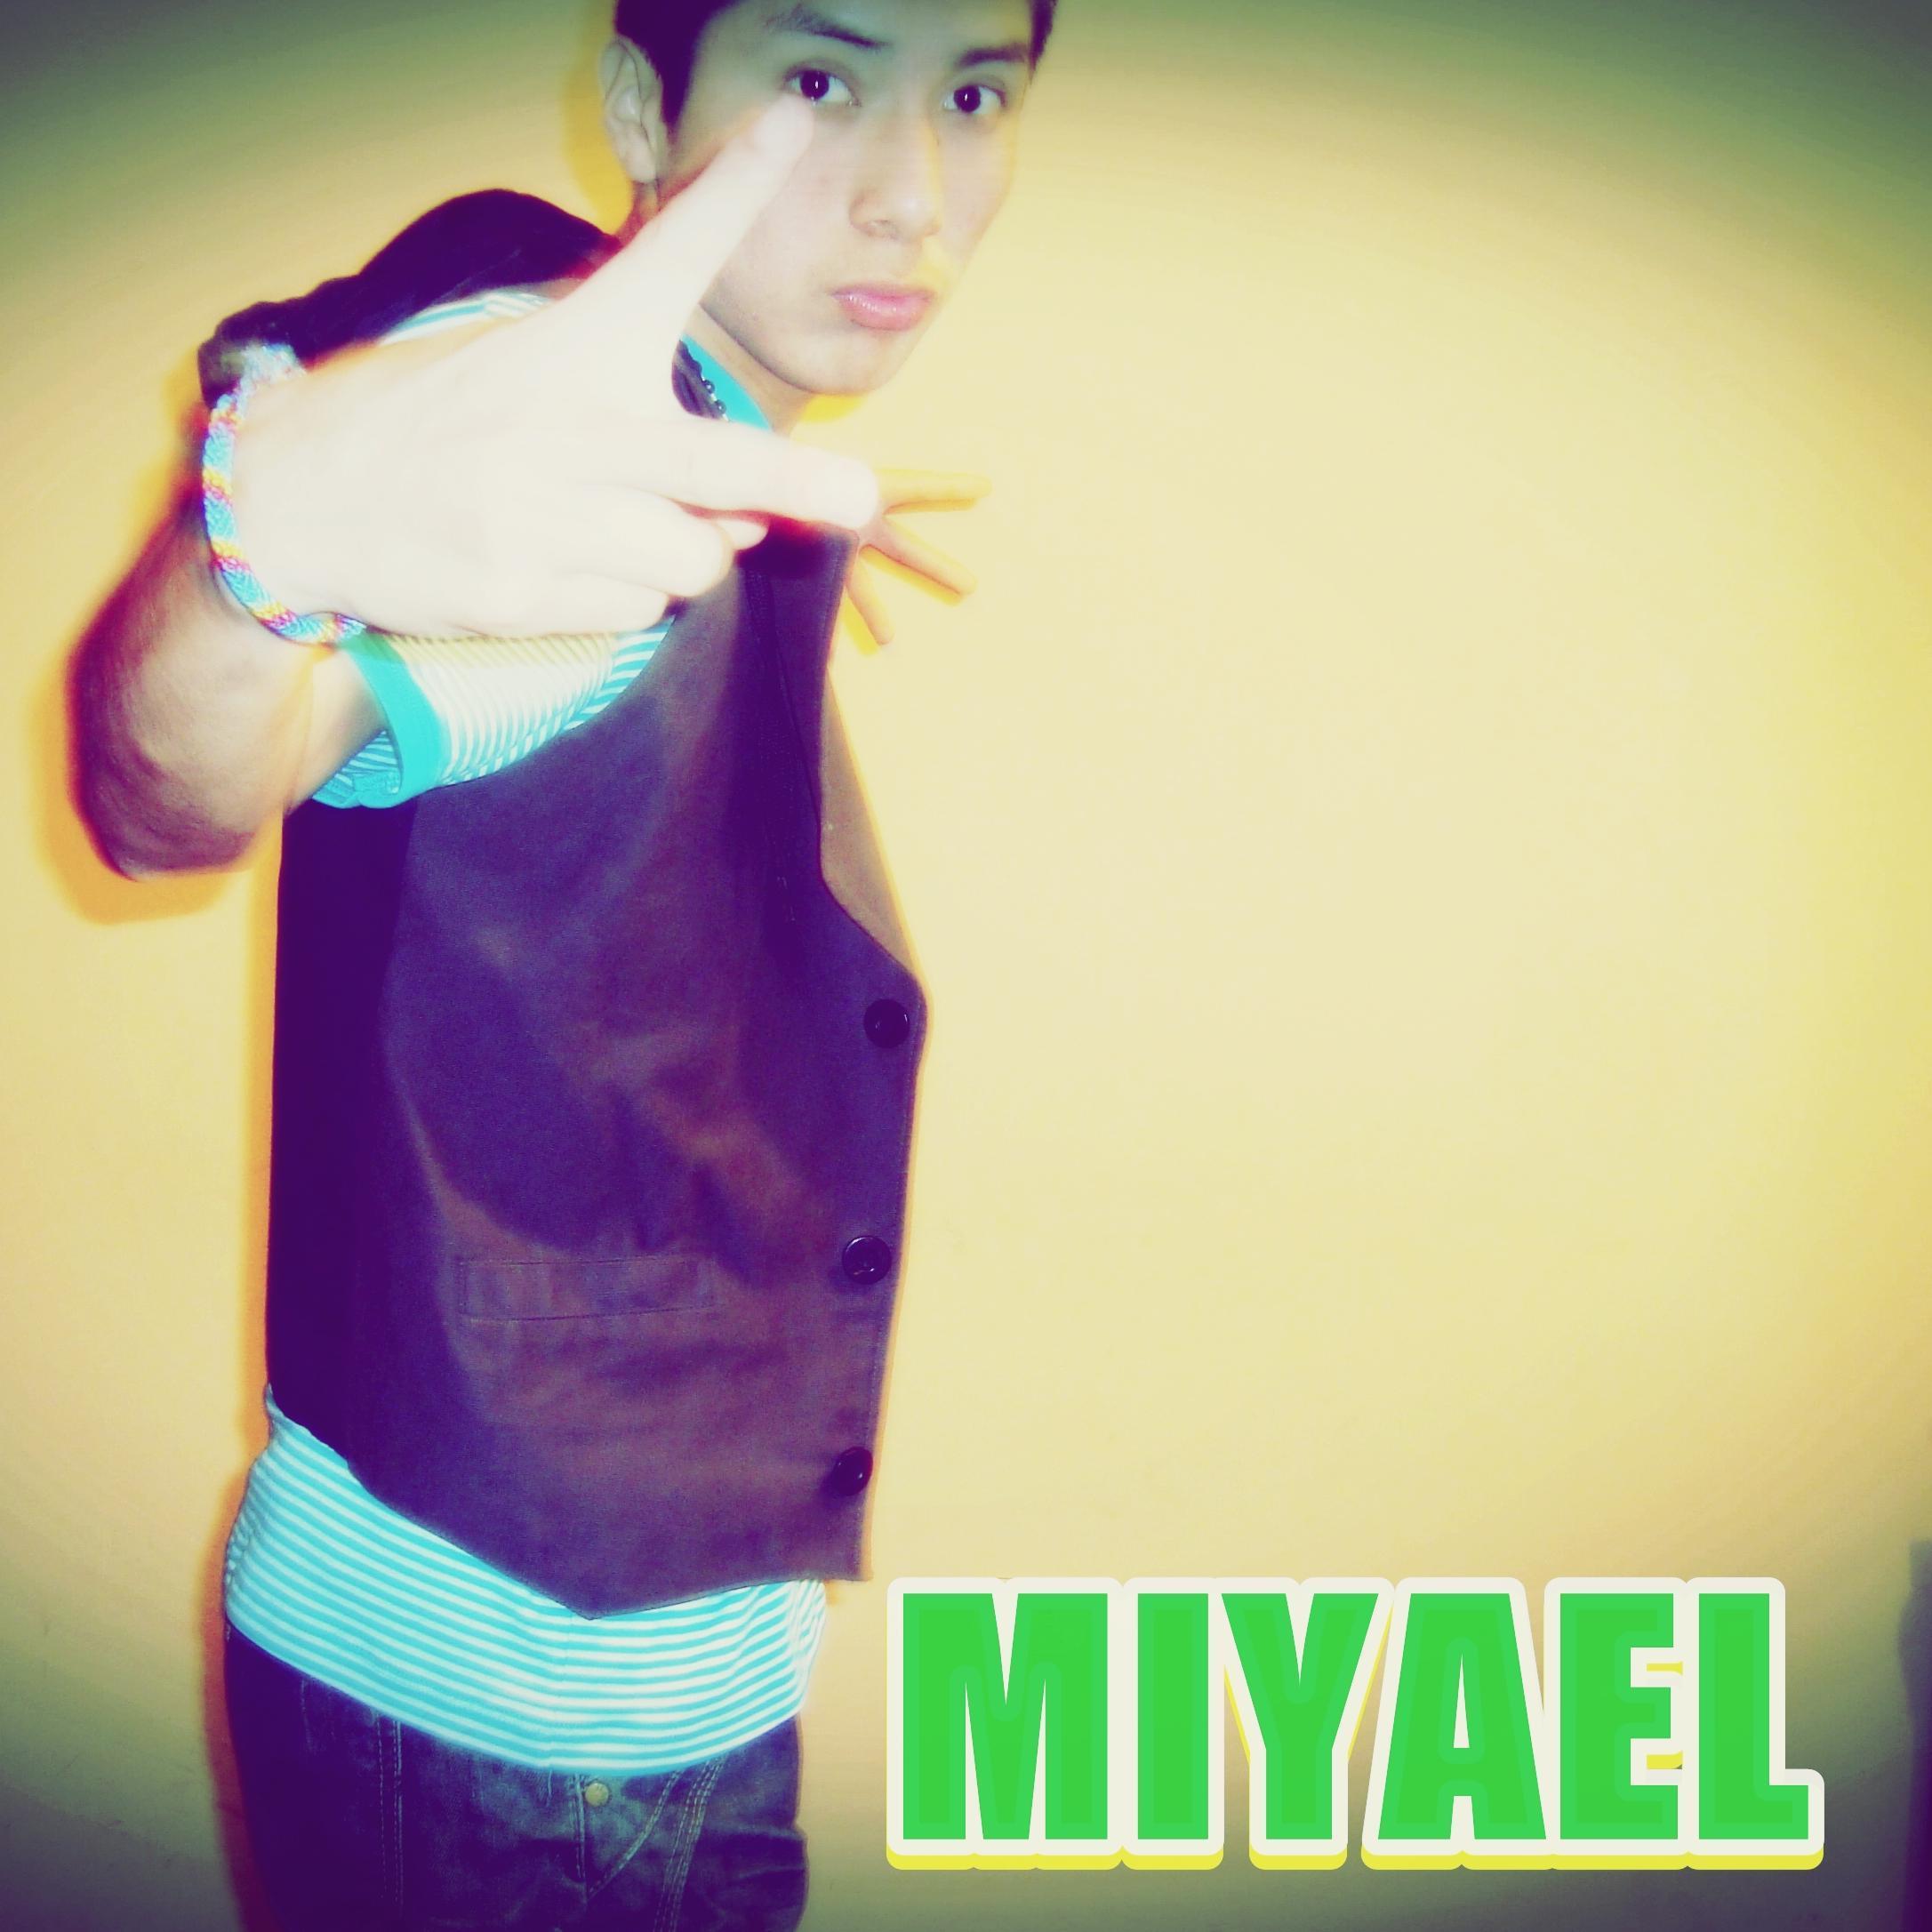 Miyael